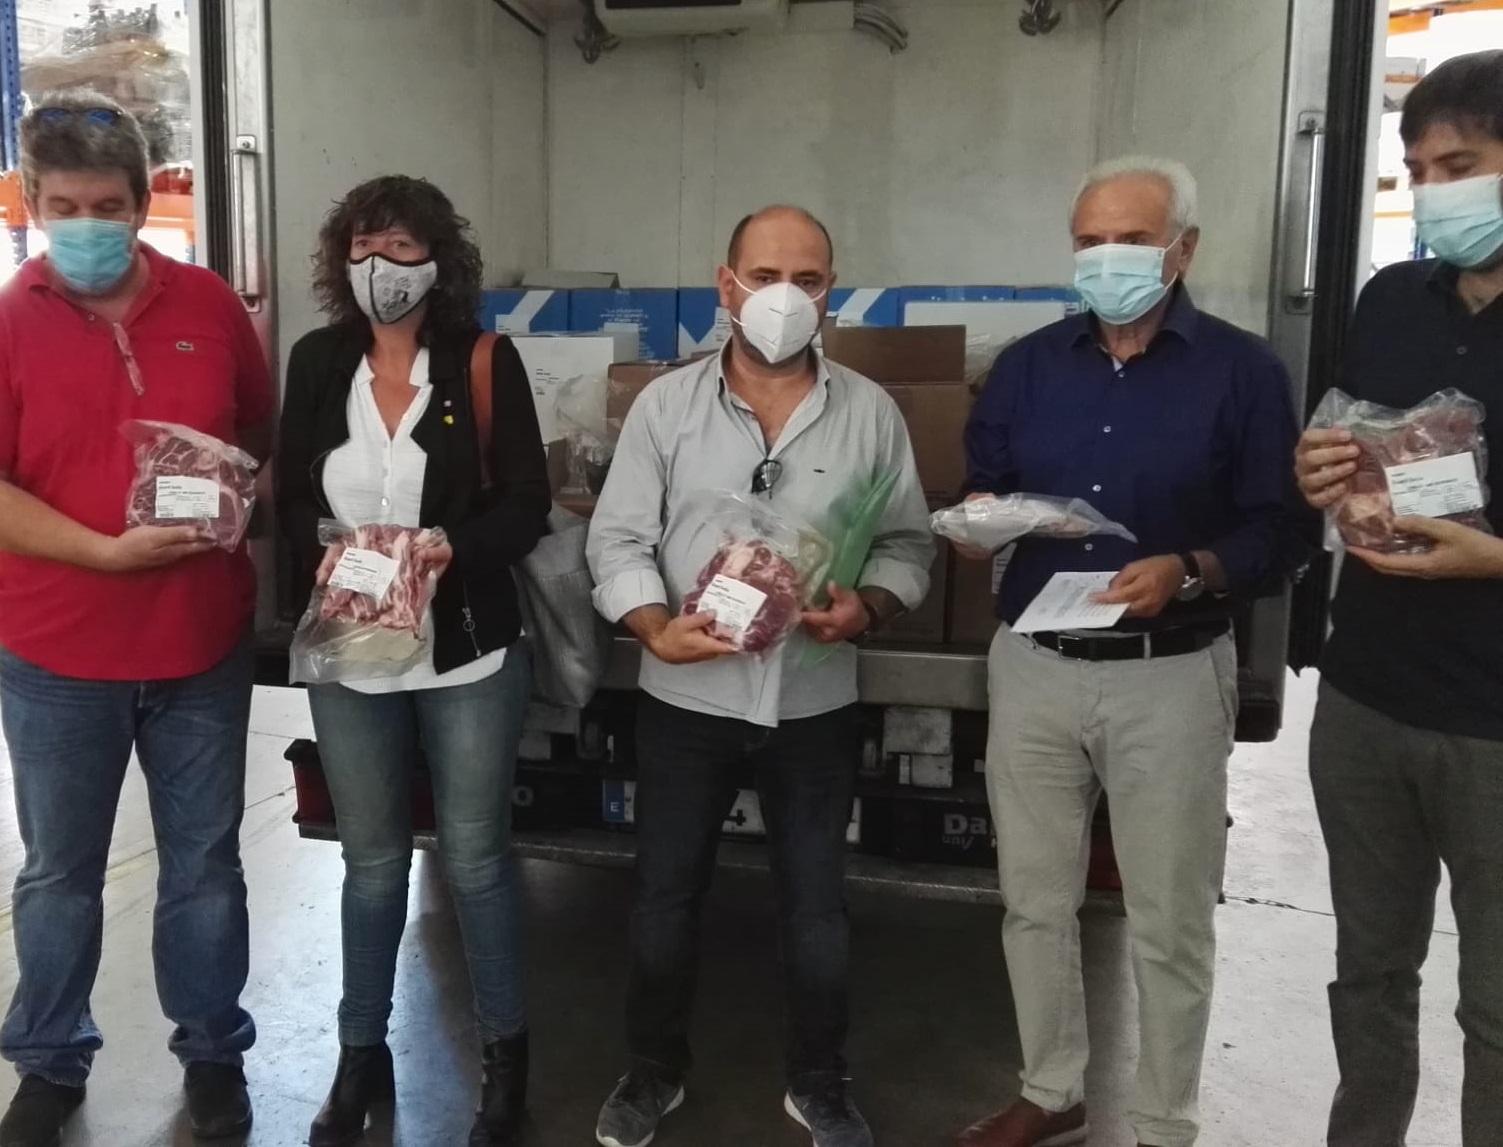 La Consellera Jordà presenta els ajuts d'Agricultura als petits productors des del Banc dels Aliments de les comarques de Lleida